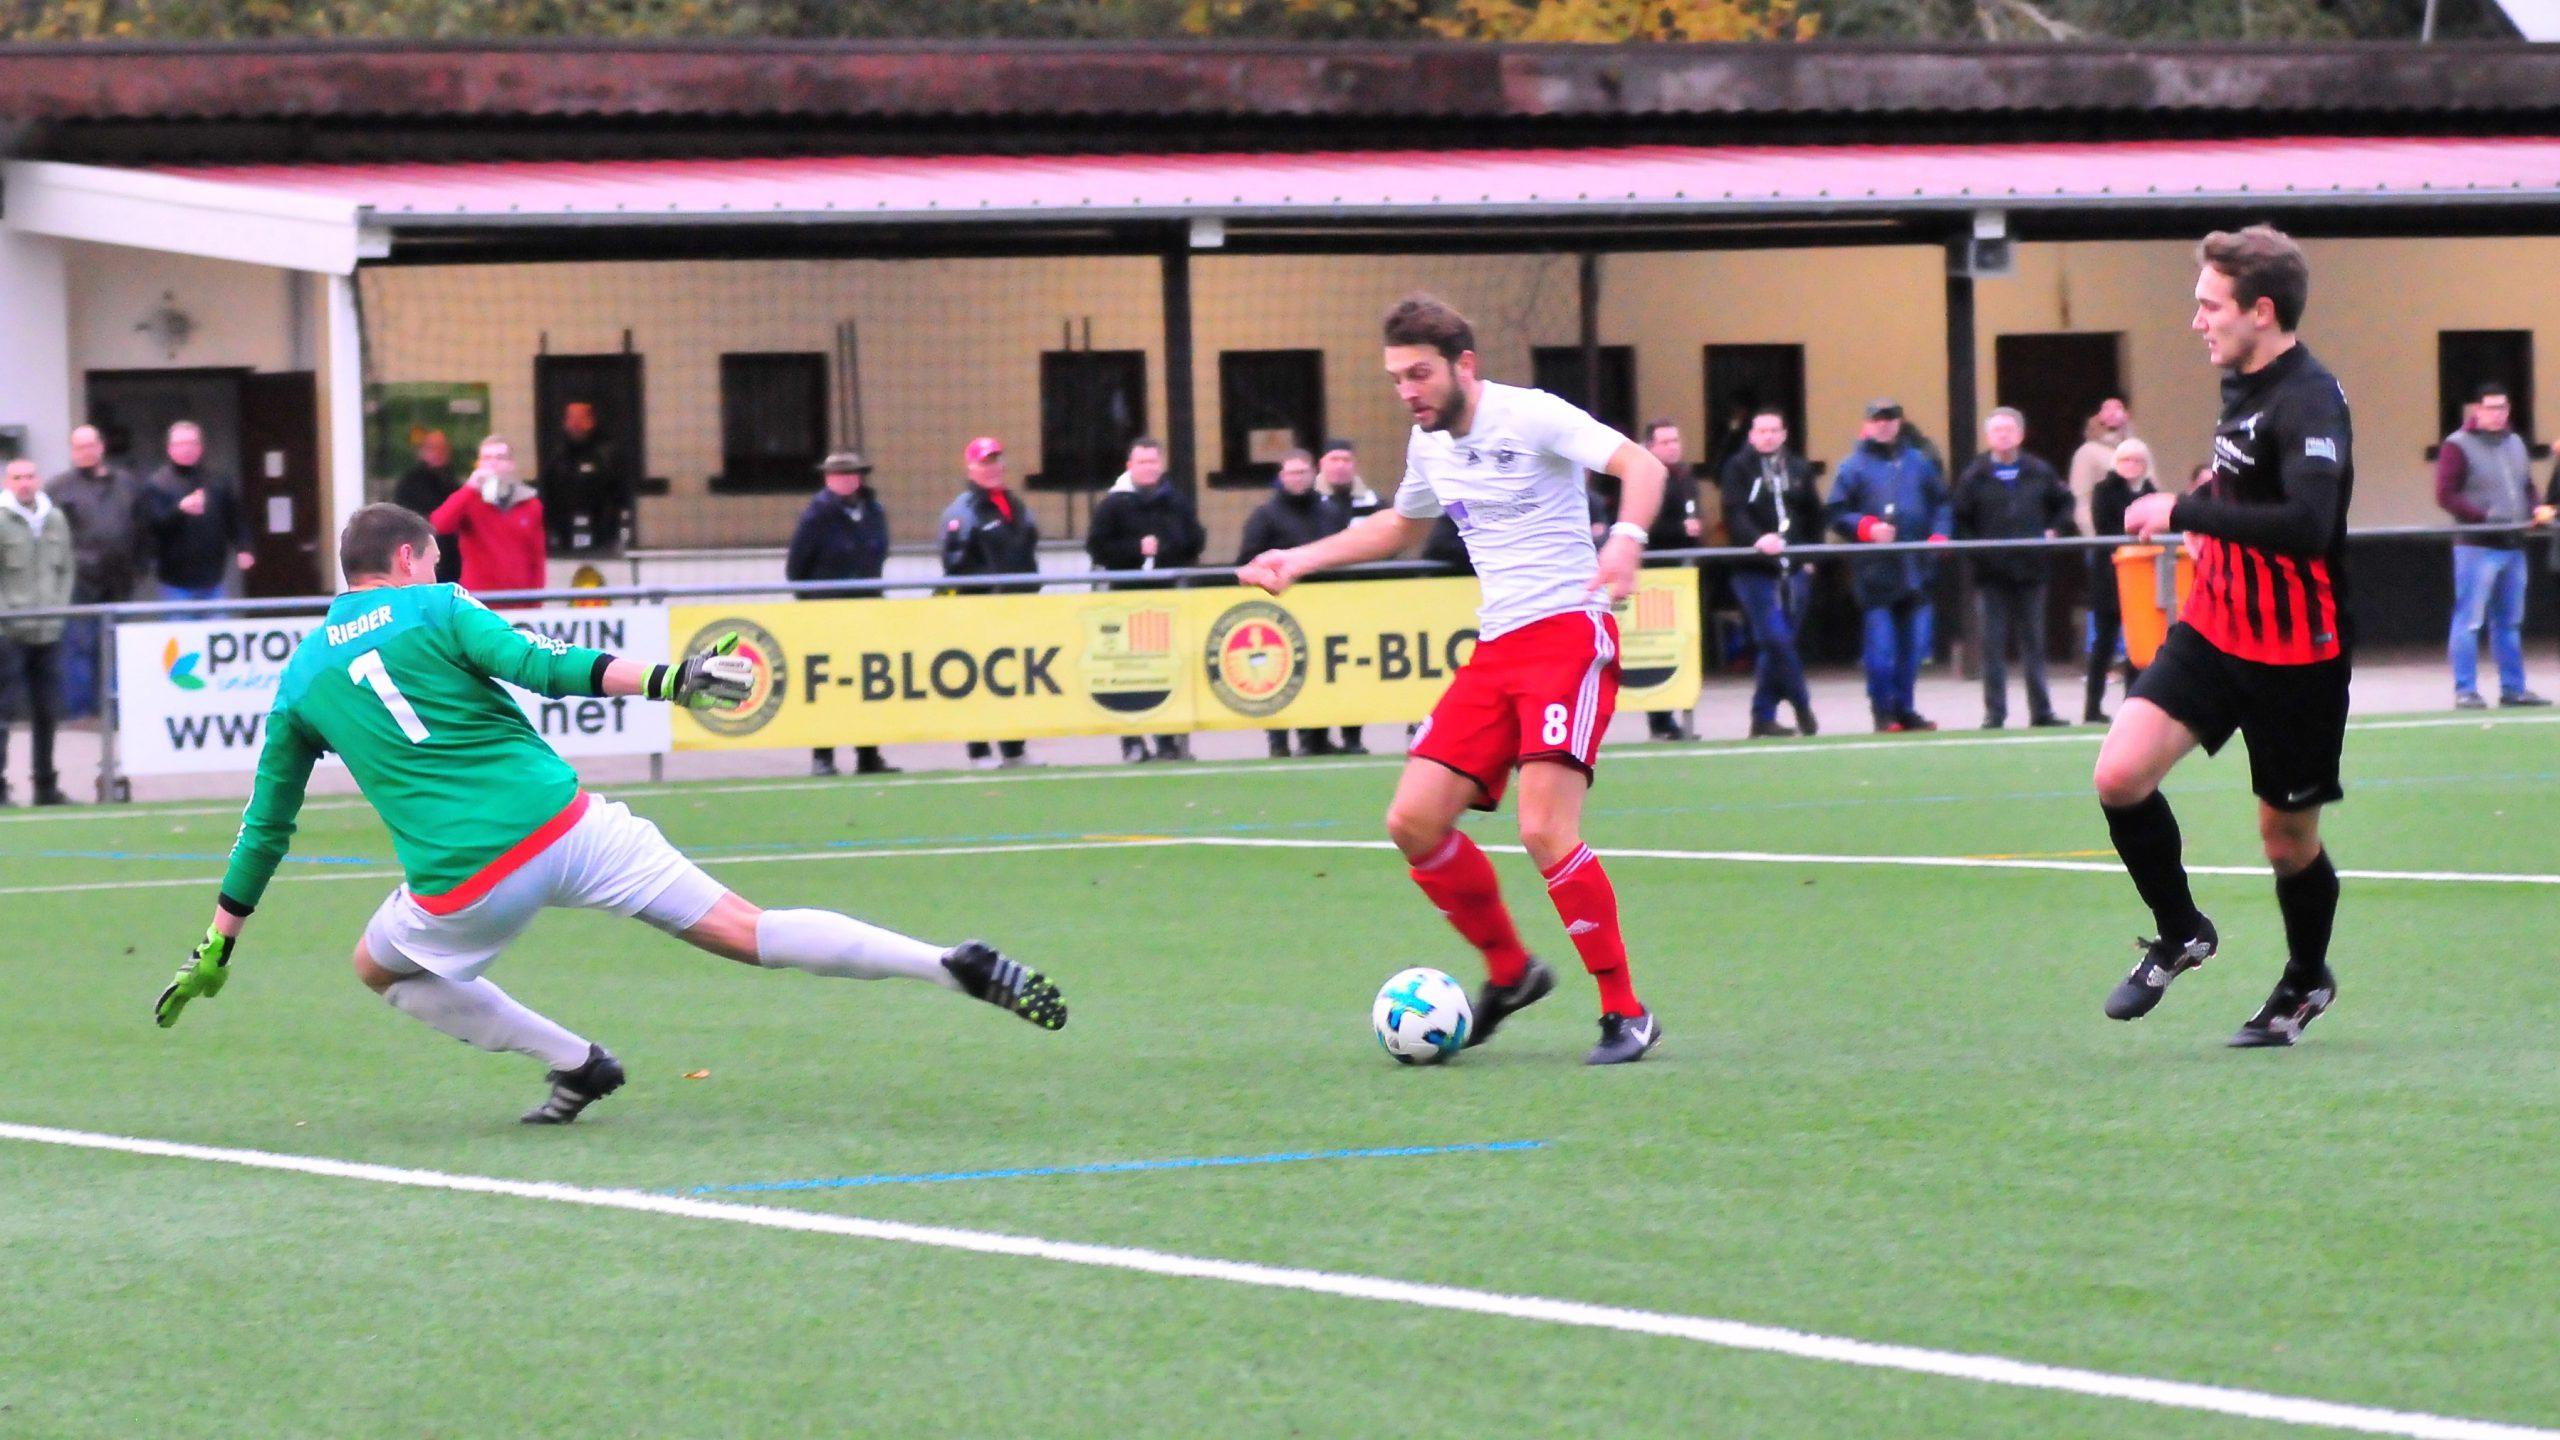 10 Tore im Heimspiel gegen Furpach – Sieg nach 0:3 Rückstand